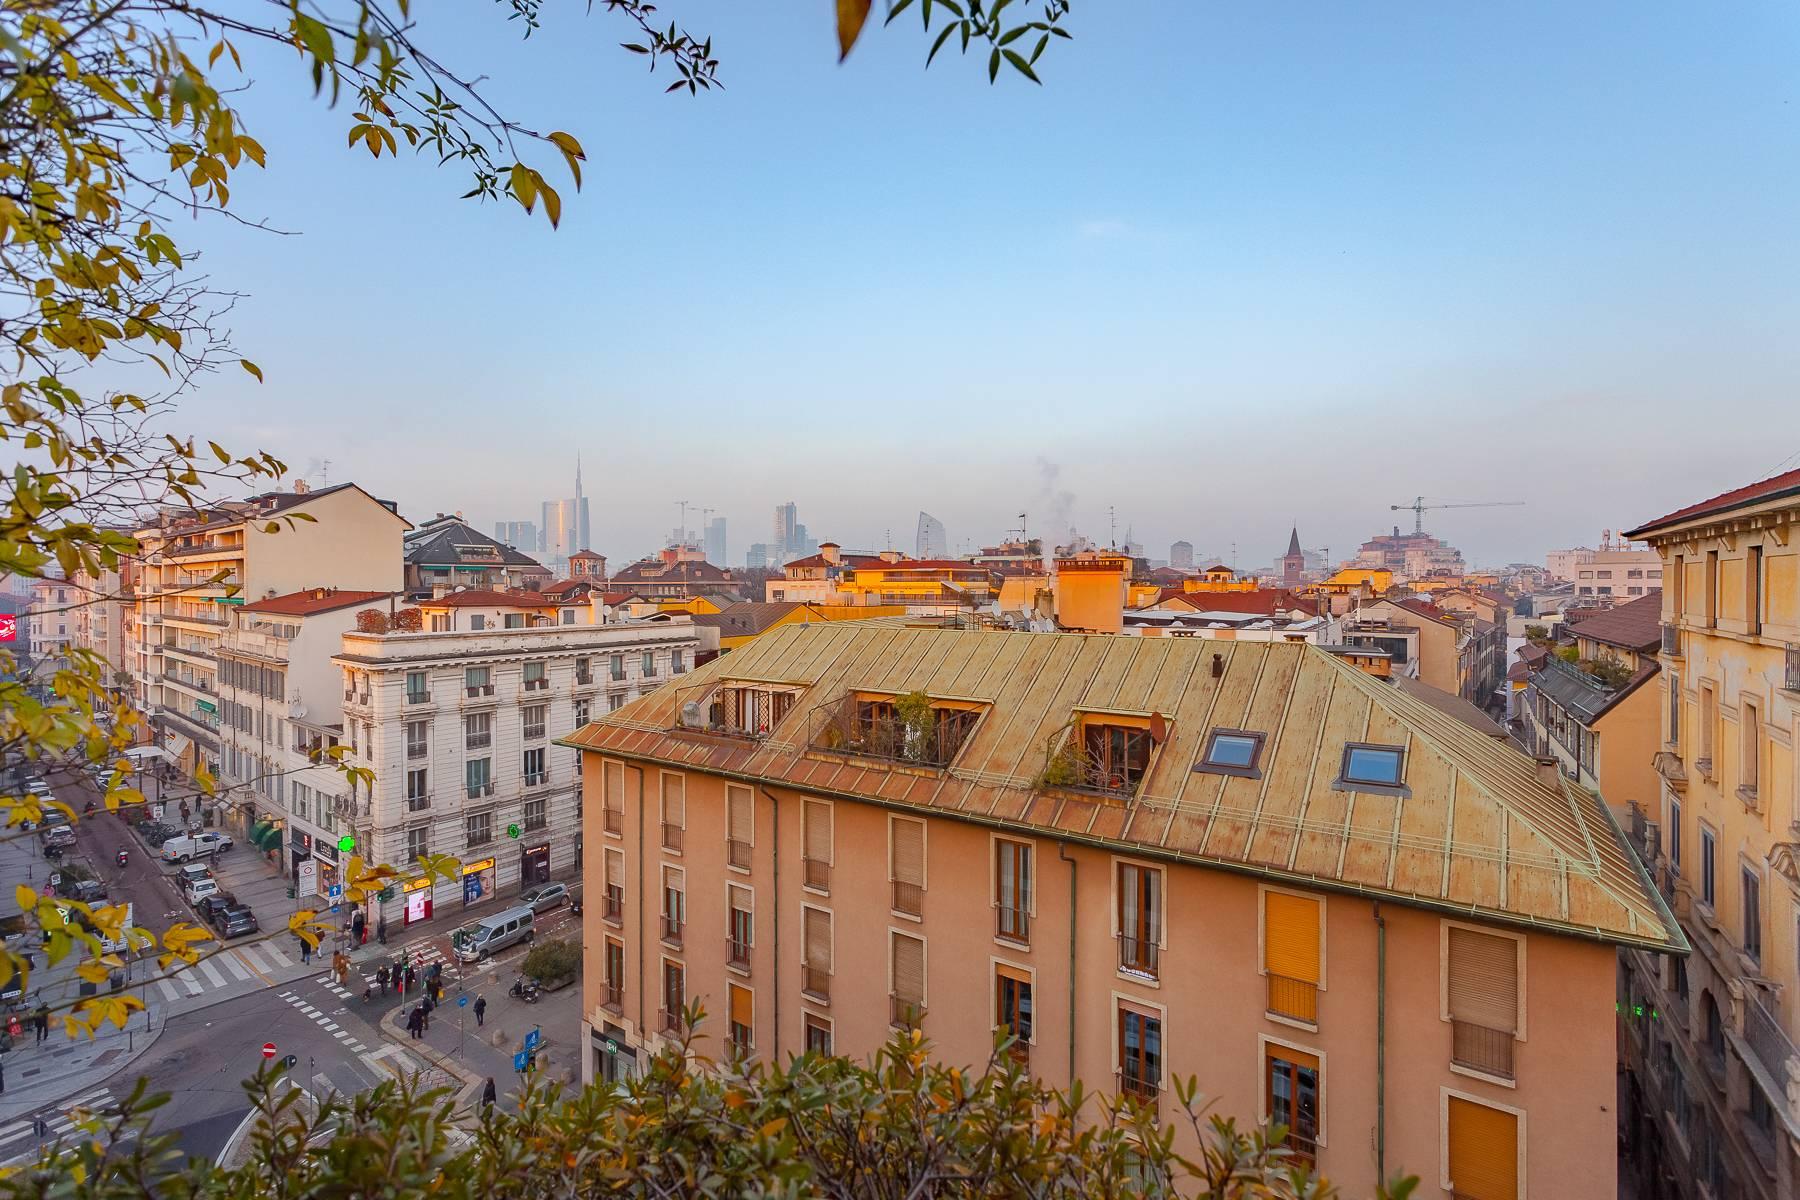 Attico in Vendita a Milano: 5 locali, 495 mq - Foto 23